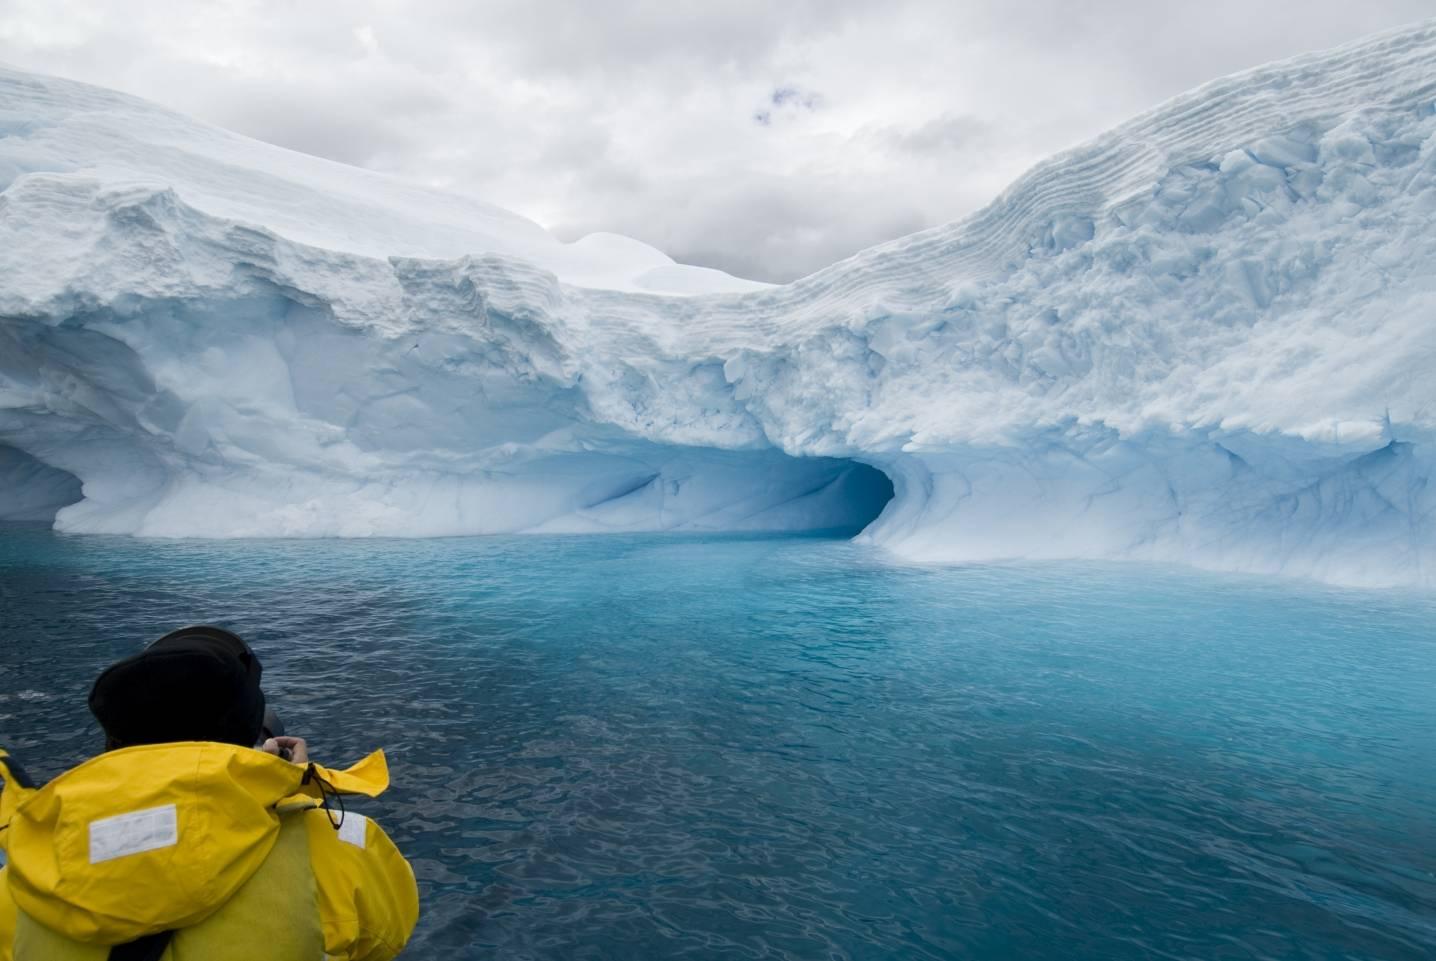 10 Amazing Polar Arctic Antarctica Cruise Tours